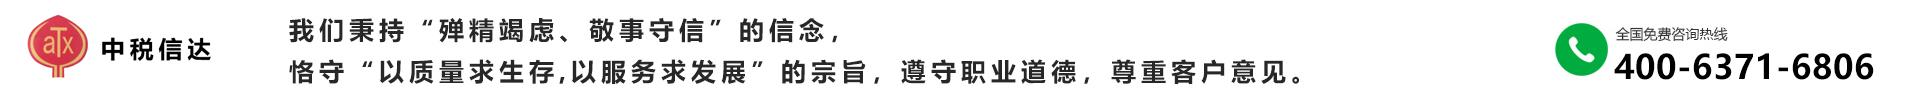 办理税务代理,北京税务代理该怎么找?